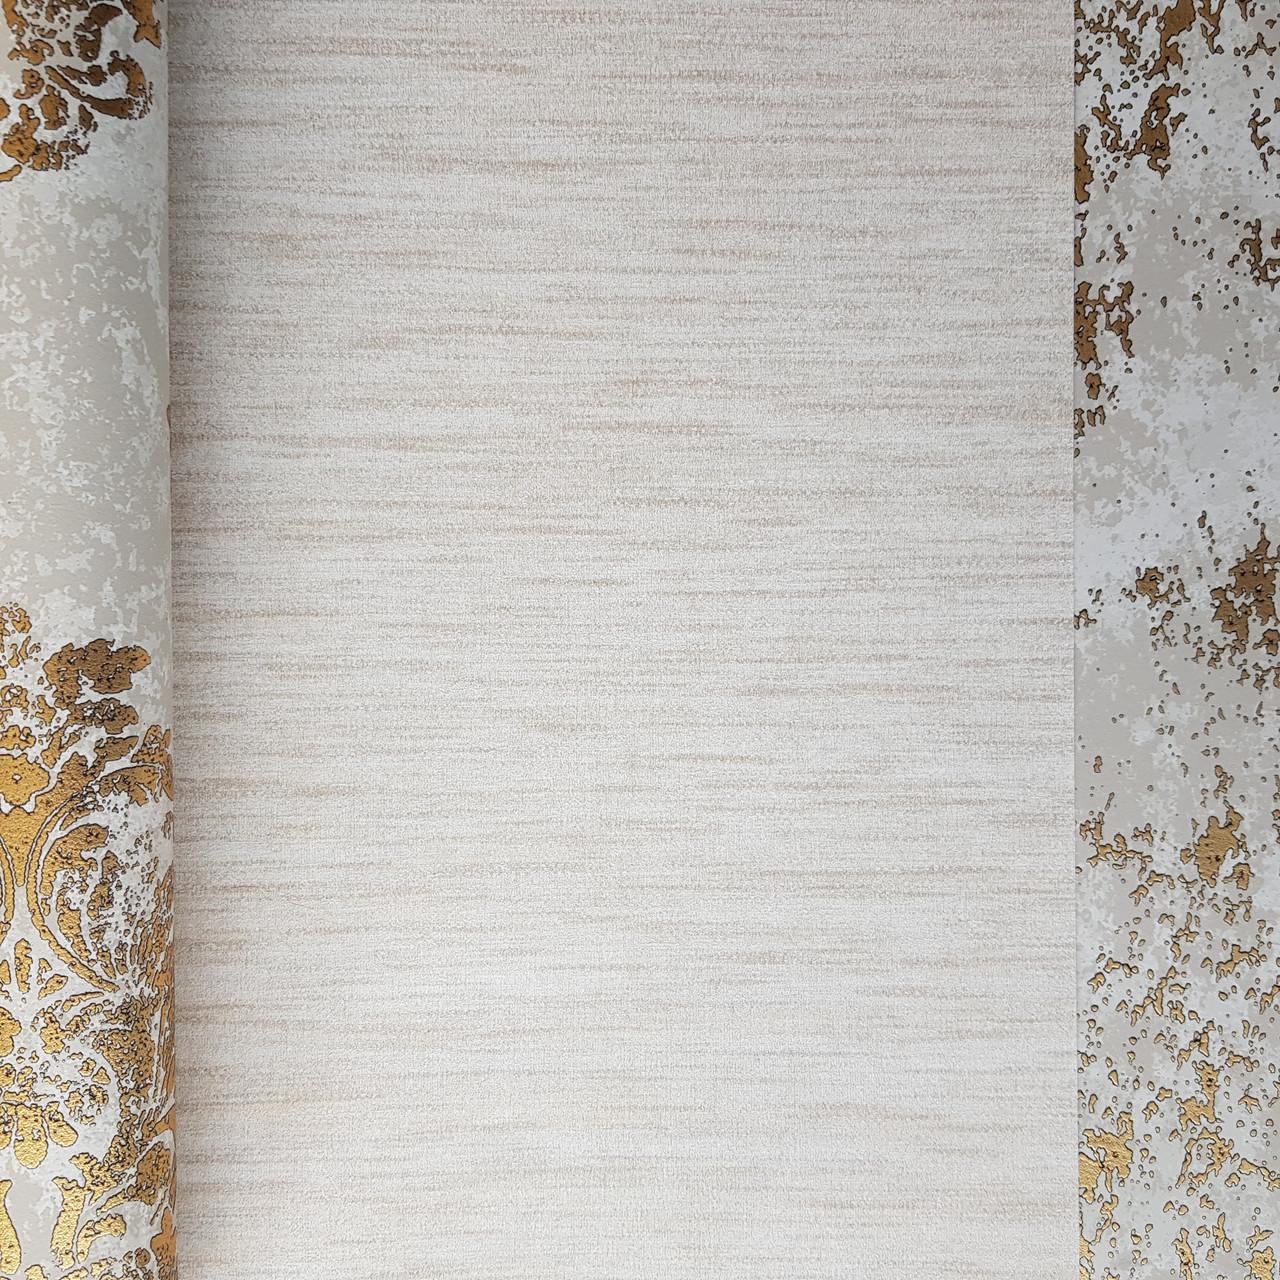 Шпалери флізелінові еко Galerie Metallic FX 0,53Х10 англія горизонтальні смужки розмиті золотисті молочні